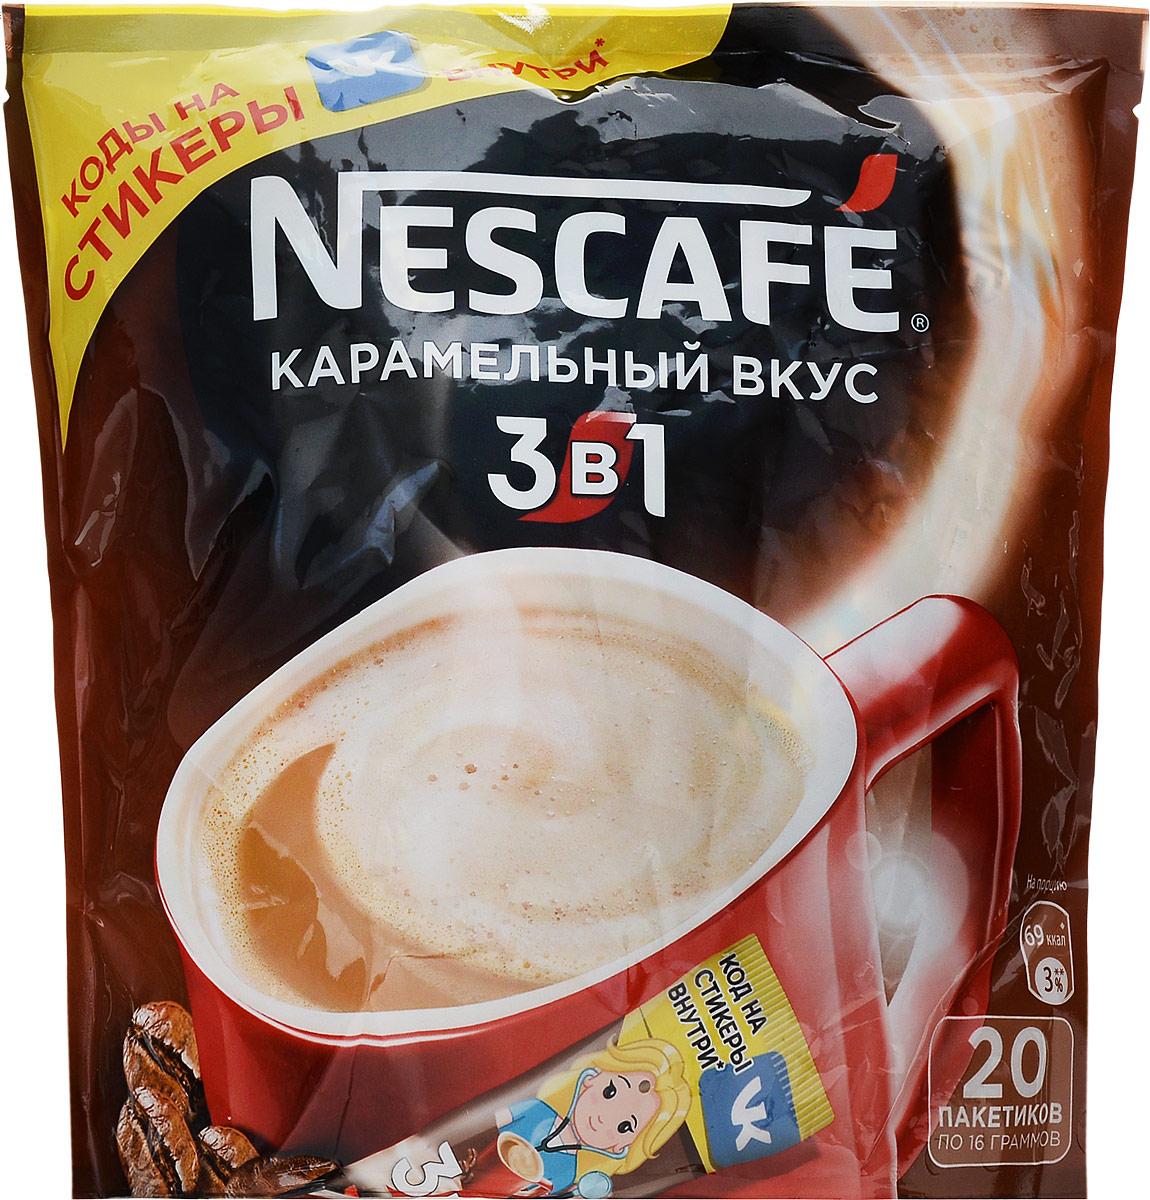 Nescafe 3 в 1 Карамель кофе растворимый, 20 шт кофейный напиток nescafe 3 в 1 мягкий сливочный вкус порционный